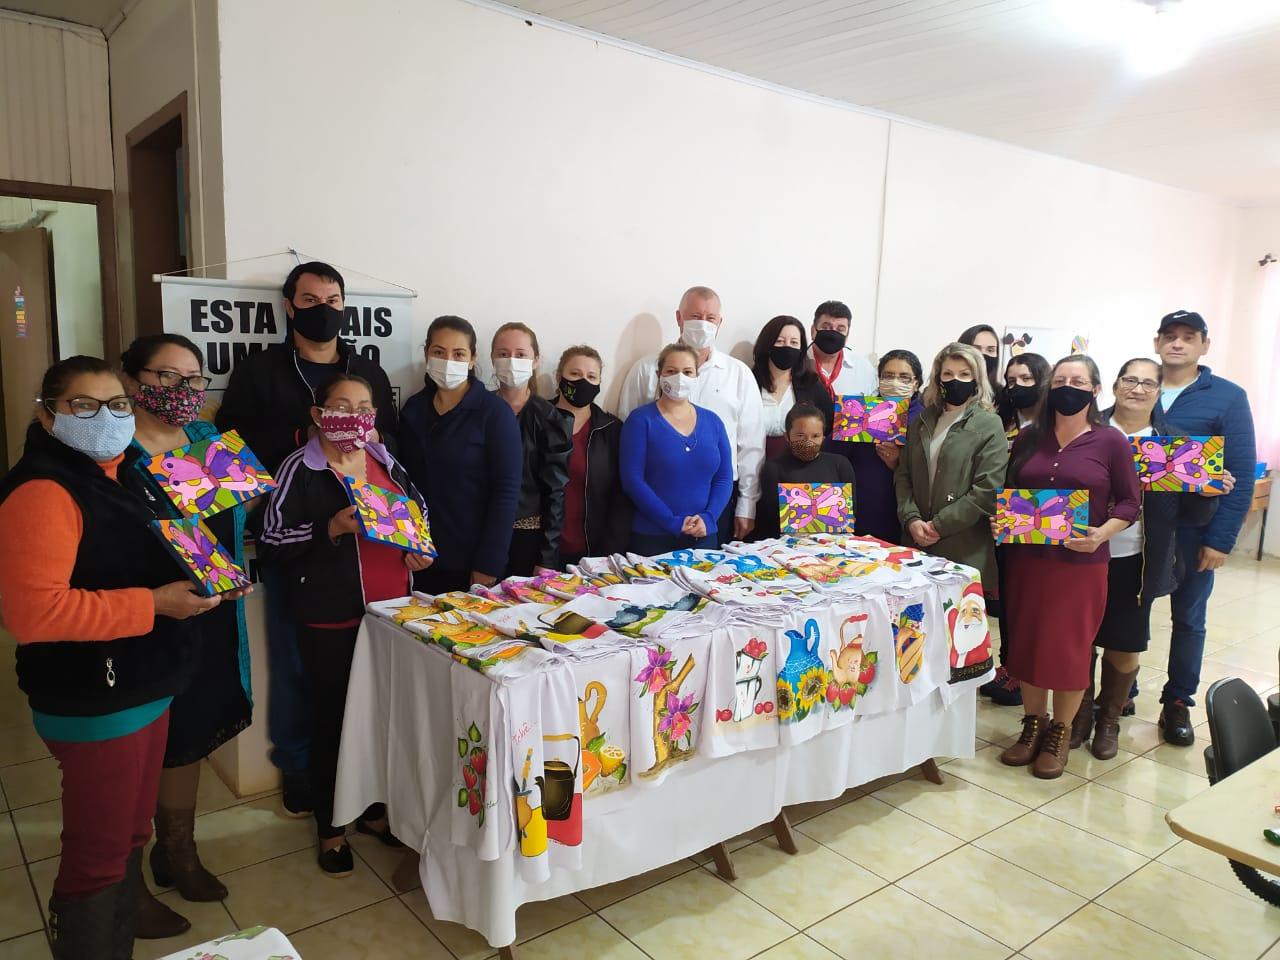 A Secretaria Municipal de Assistência Social em parceria com o SENAR realiza Curso de Pinturas